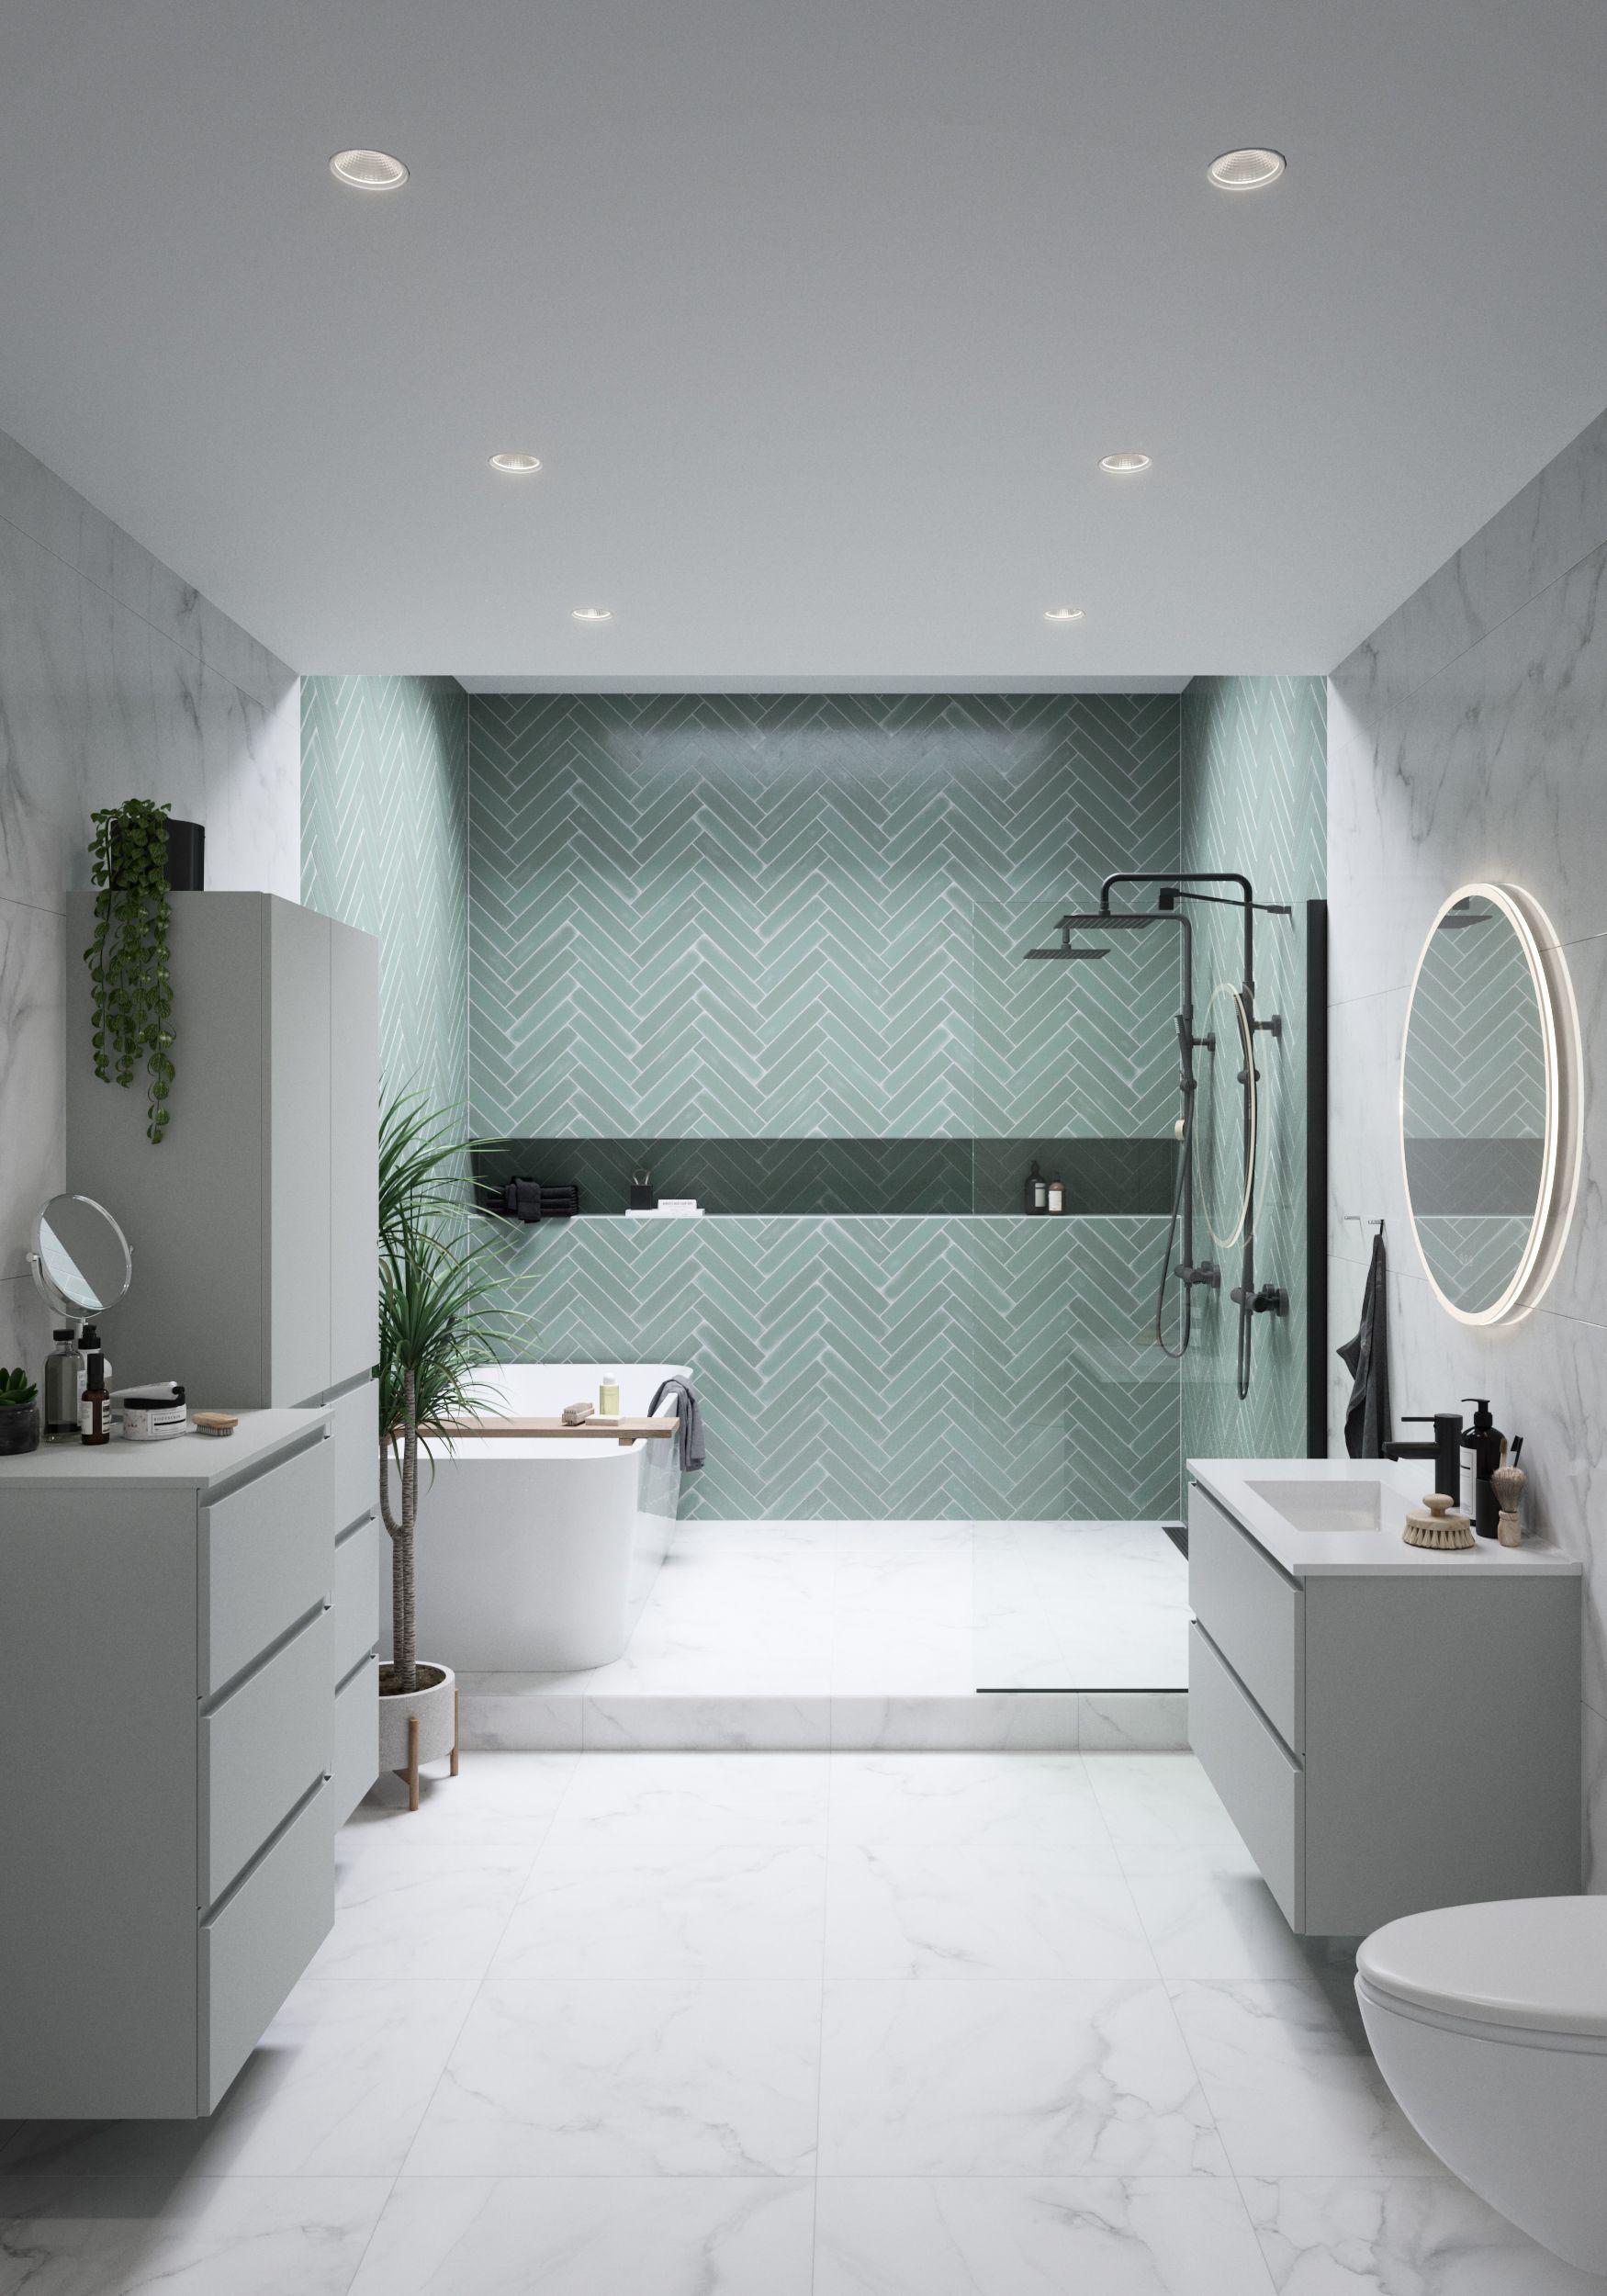 Photo of Herringbone tile pattern and marble bathroom #badeværelseinspiration Bathroom d…